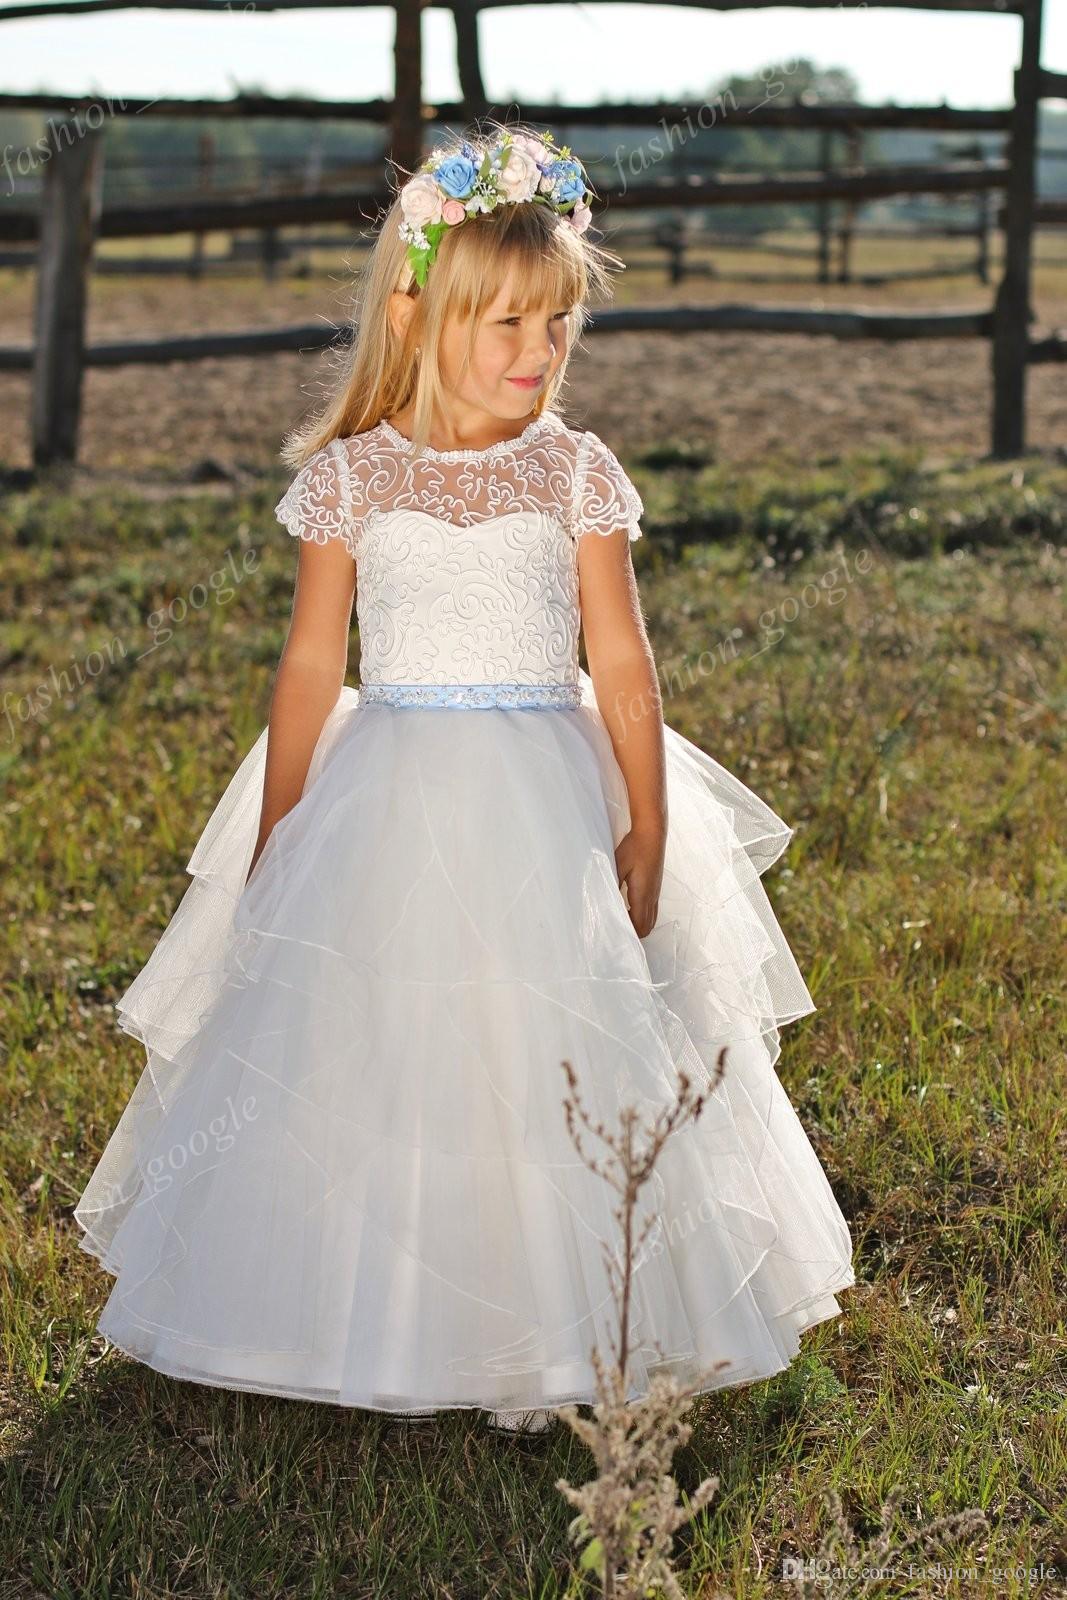 Wedding Party Holiday Bridesmaid Flower Girl Abiti avorio 2017 con maniche a cappuccio e volant Gonna Ball Gown 1st Comunione Dress for Baby